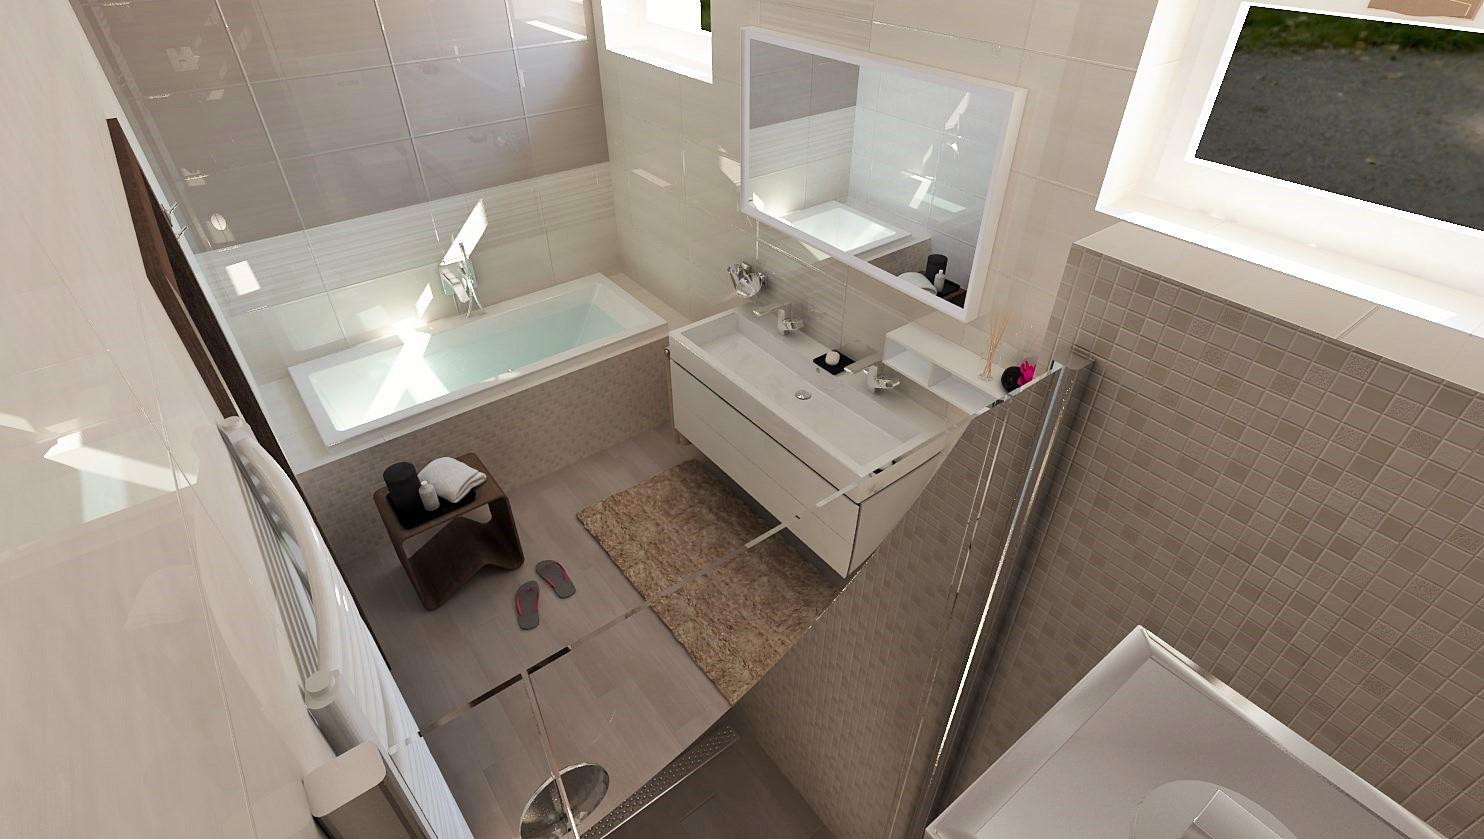 Návrhy a vizualizácie kúpeľní - Obrázok č. 59